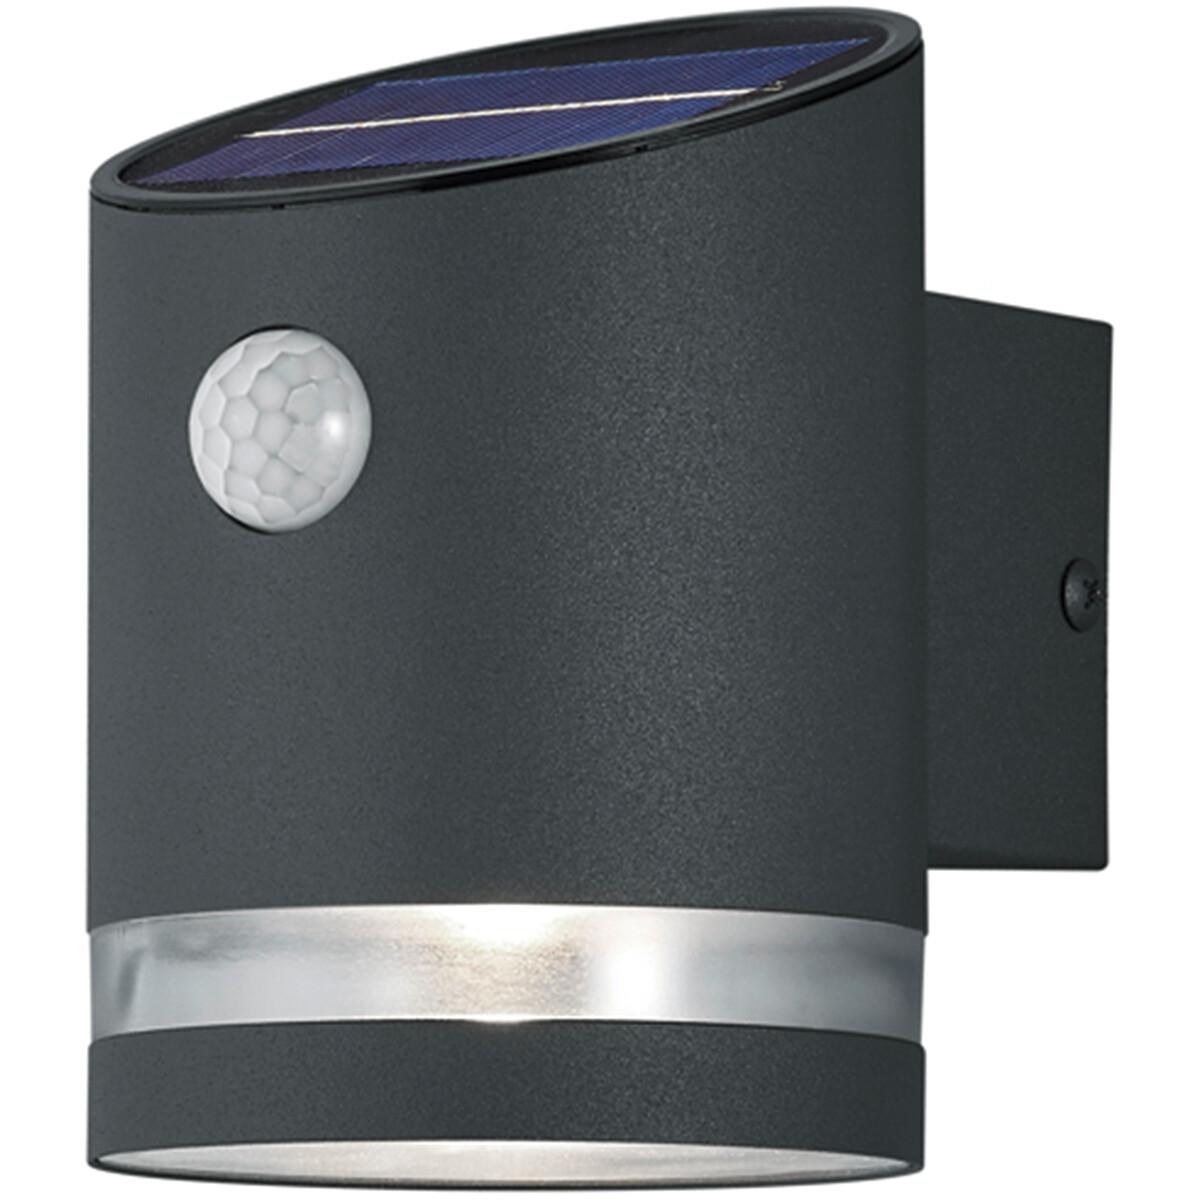 LED Tuinverlichting - Buitenlamp - Trion Salty - Wand - 3W - Warm Wit 3000K - Rond - Mat Zwart - RVS